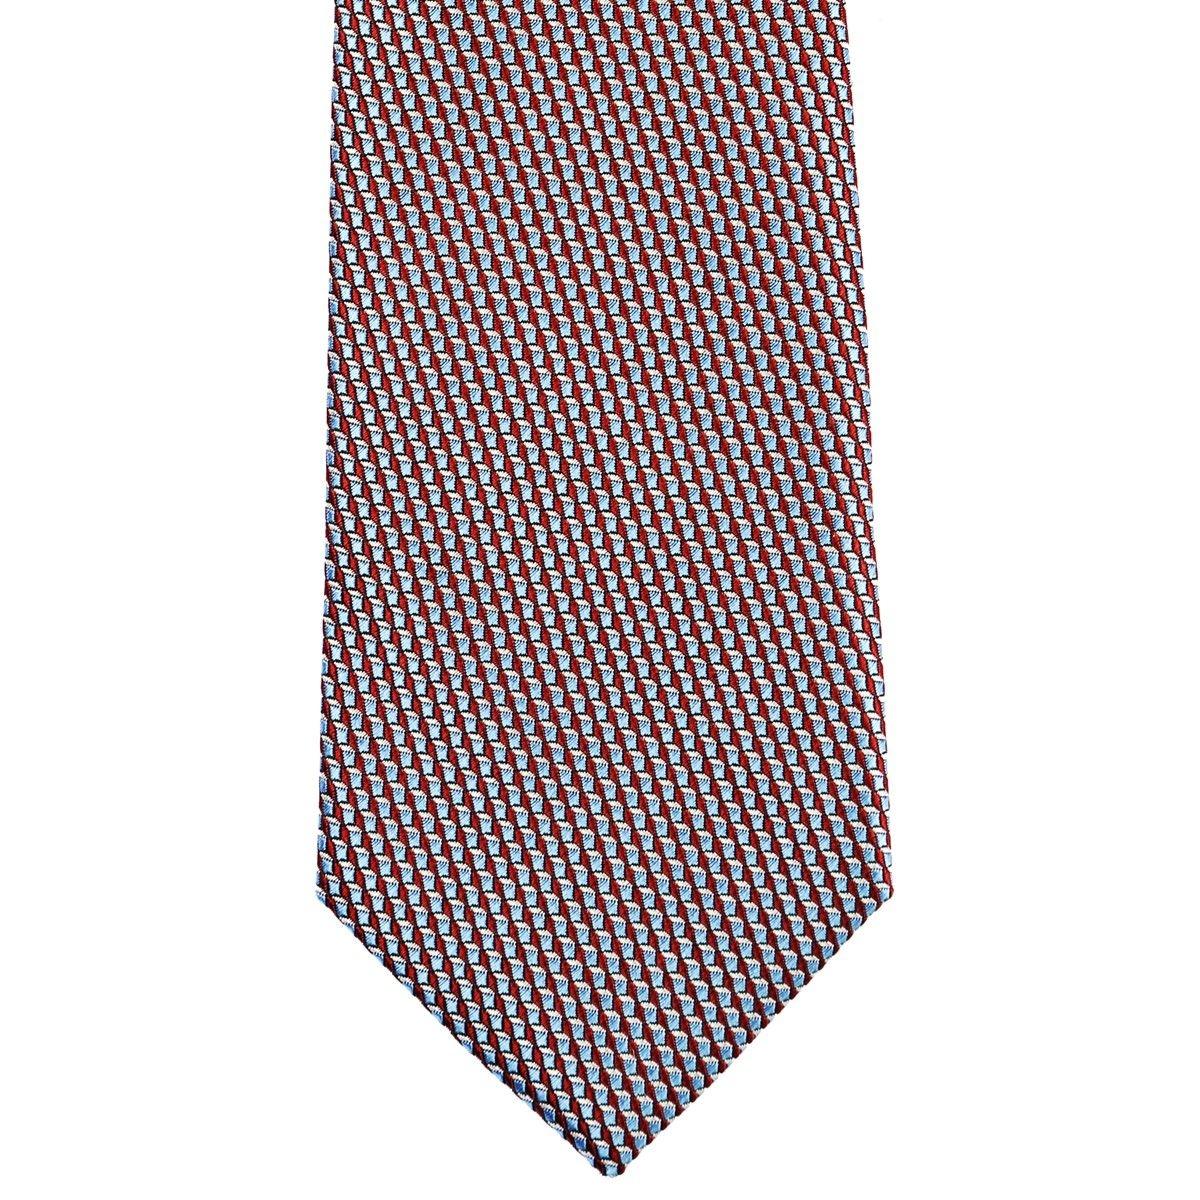 Cravate en pure soie à motifs microcubiques